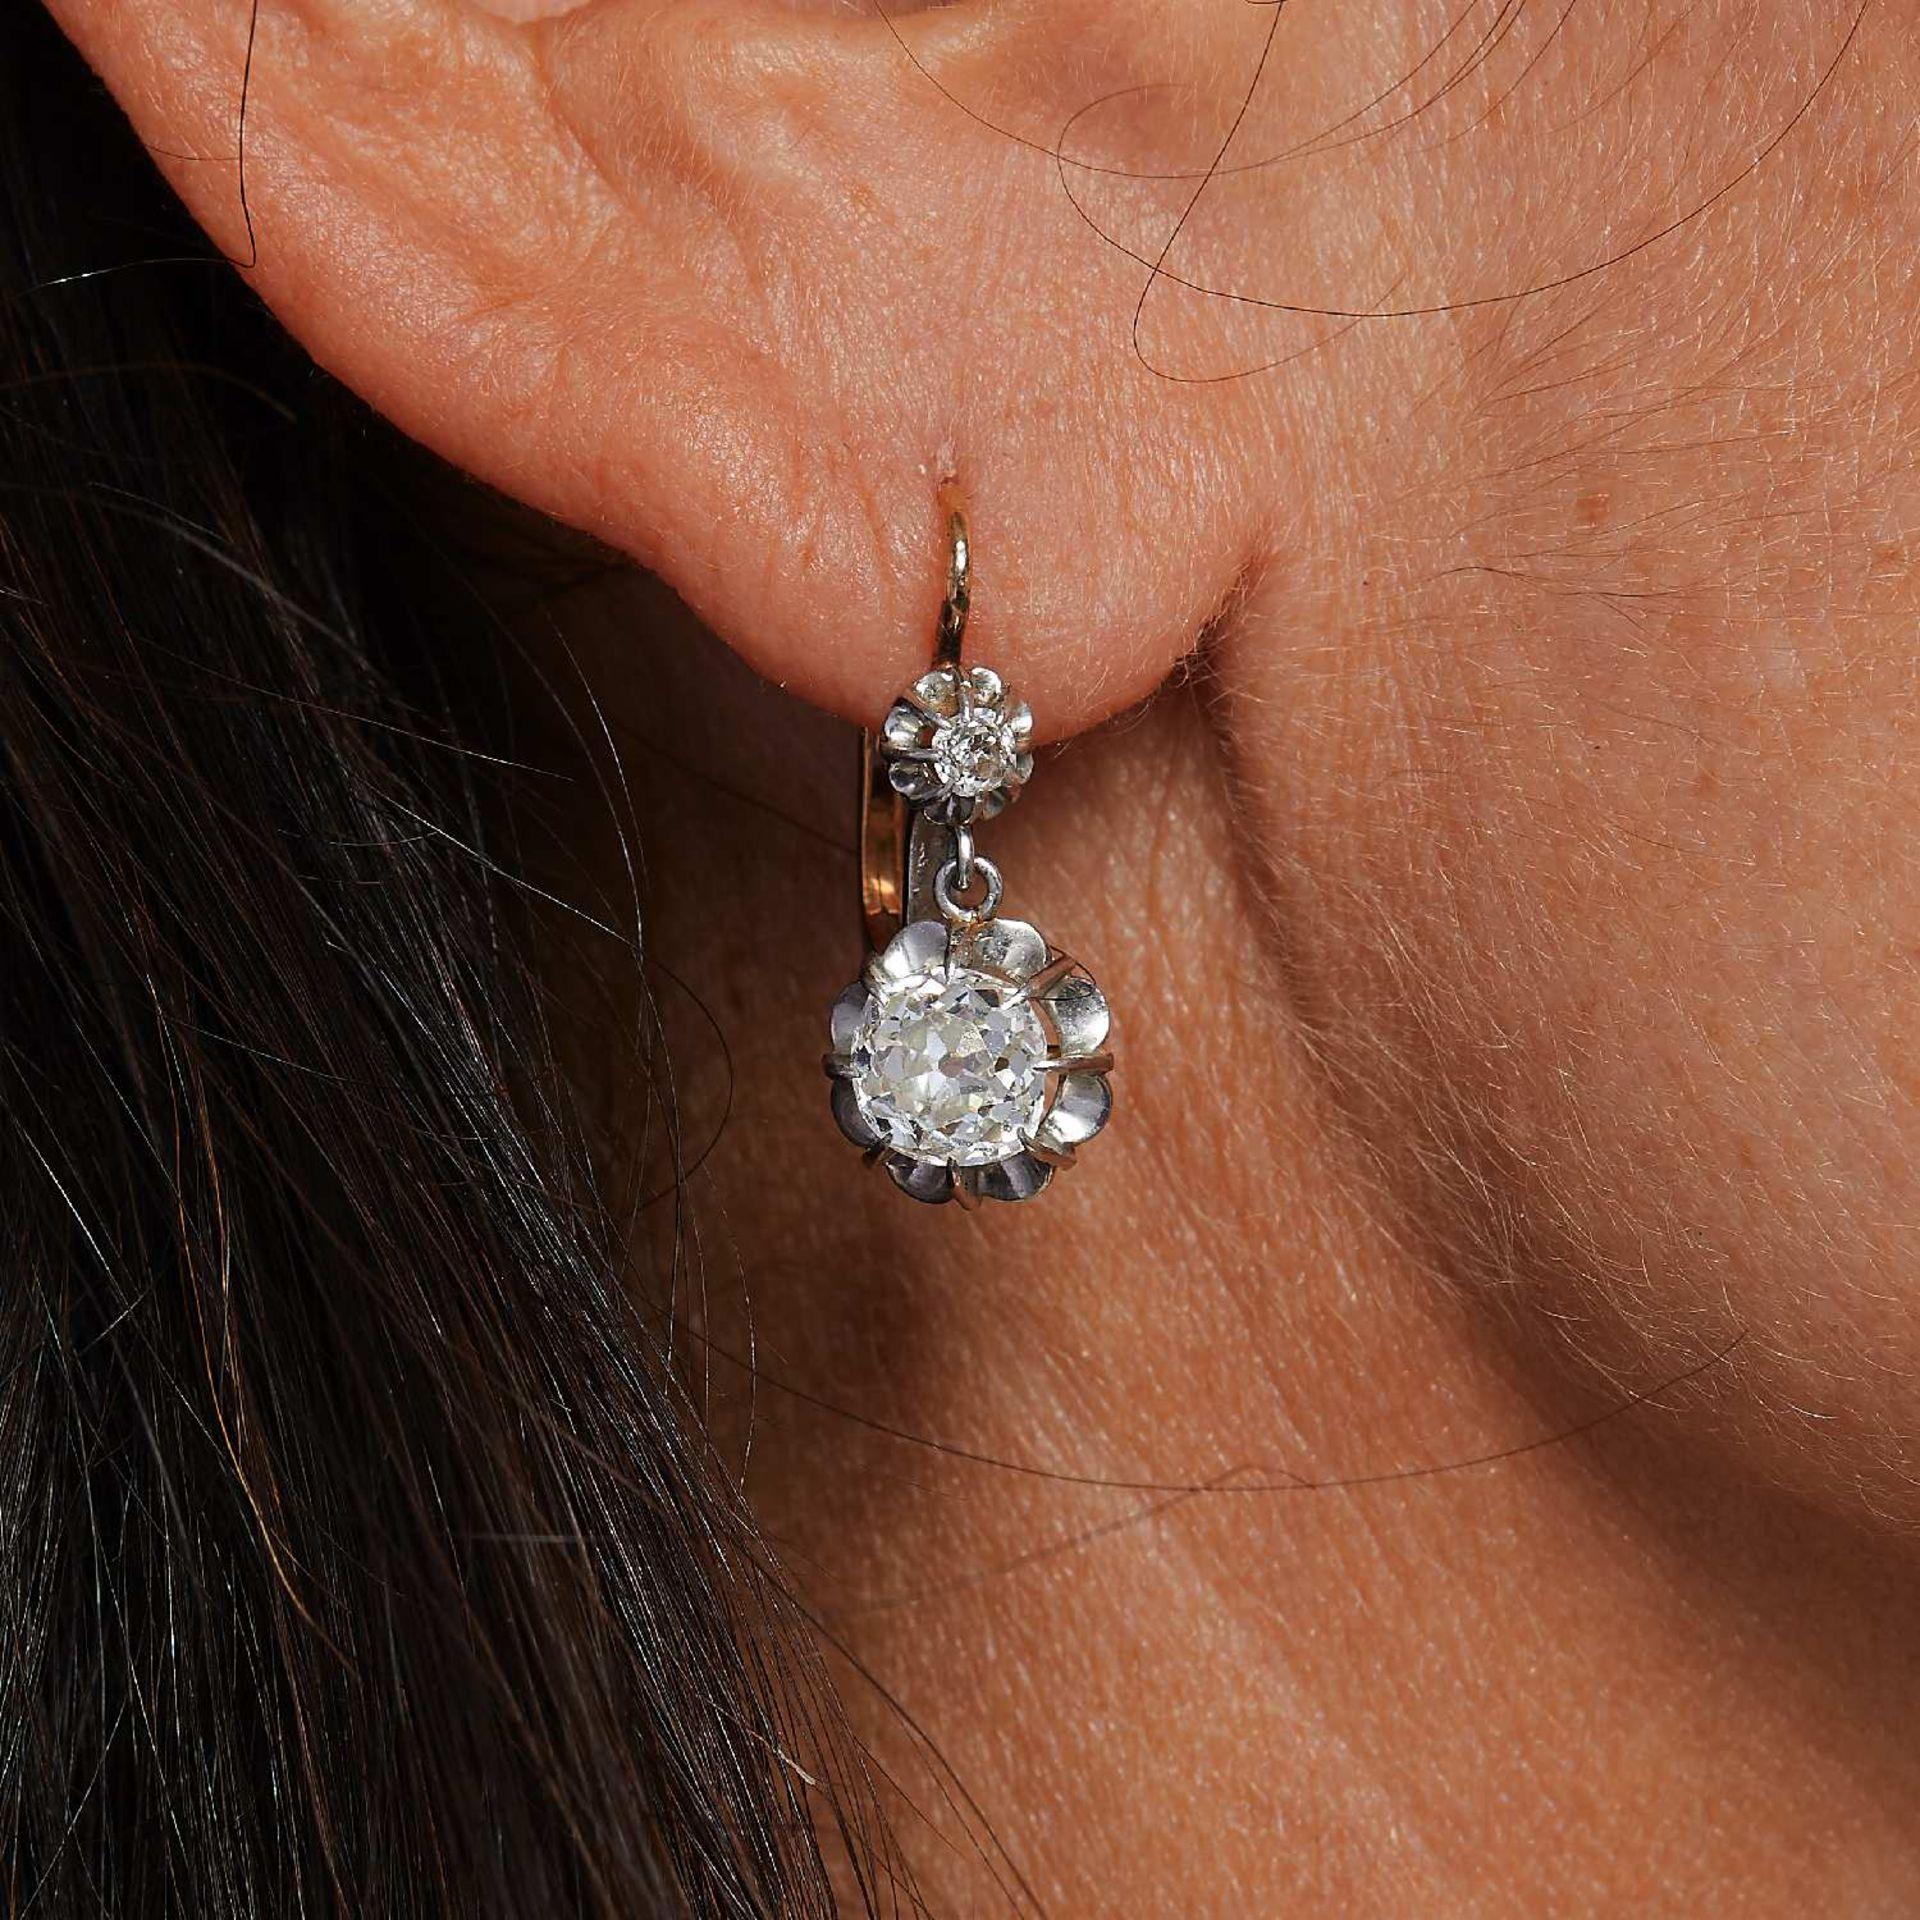 PAIRE DE BOUCLES D' OREILLES DORMEUSES DIAMANTS Elles sont ornées d'un diamant taille brillant (